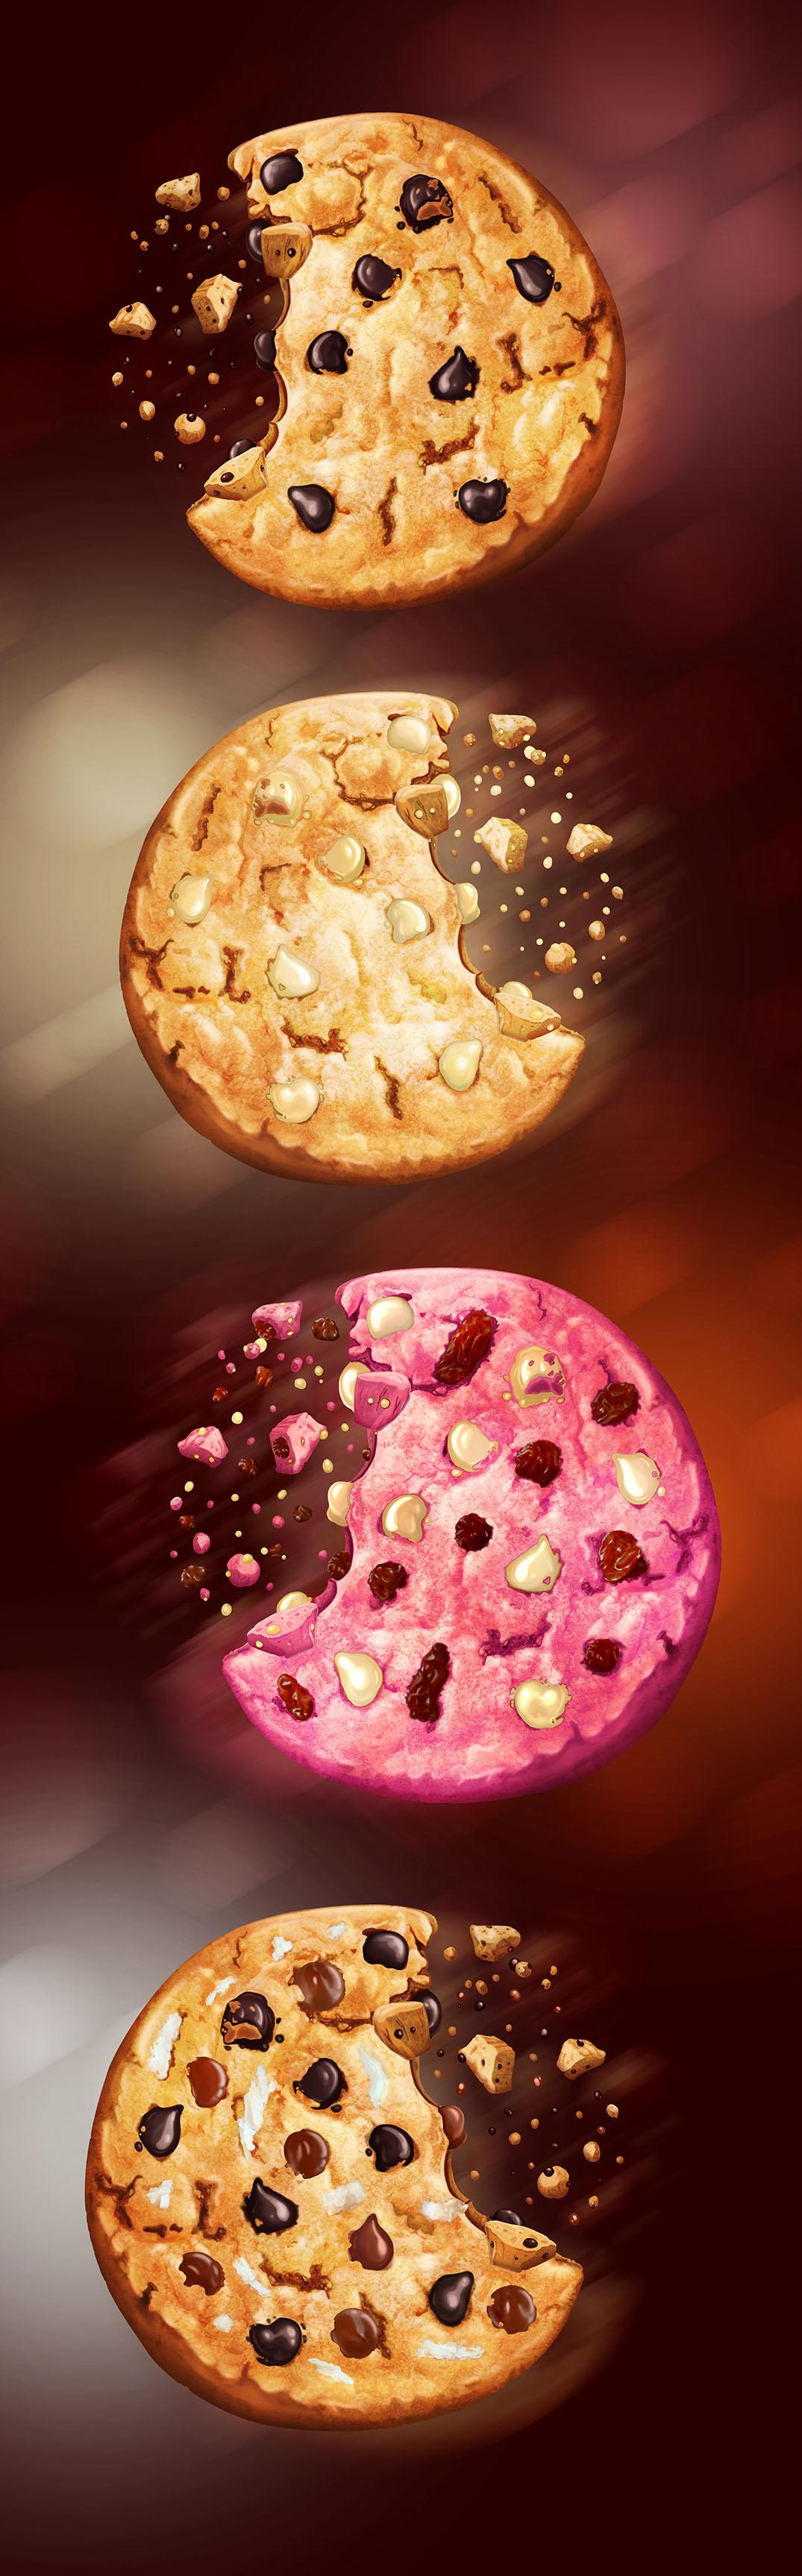 ilustraciones publicitarias galletas